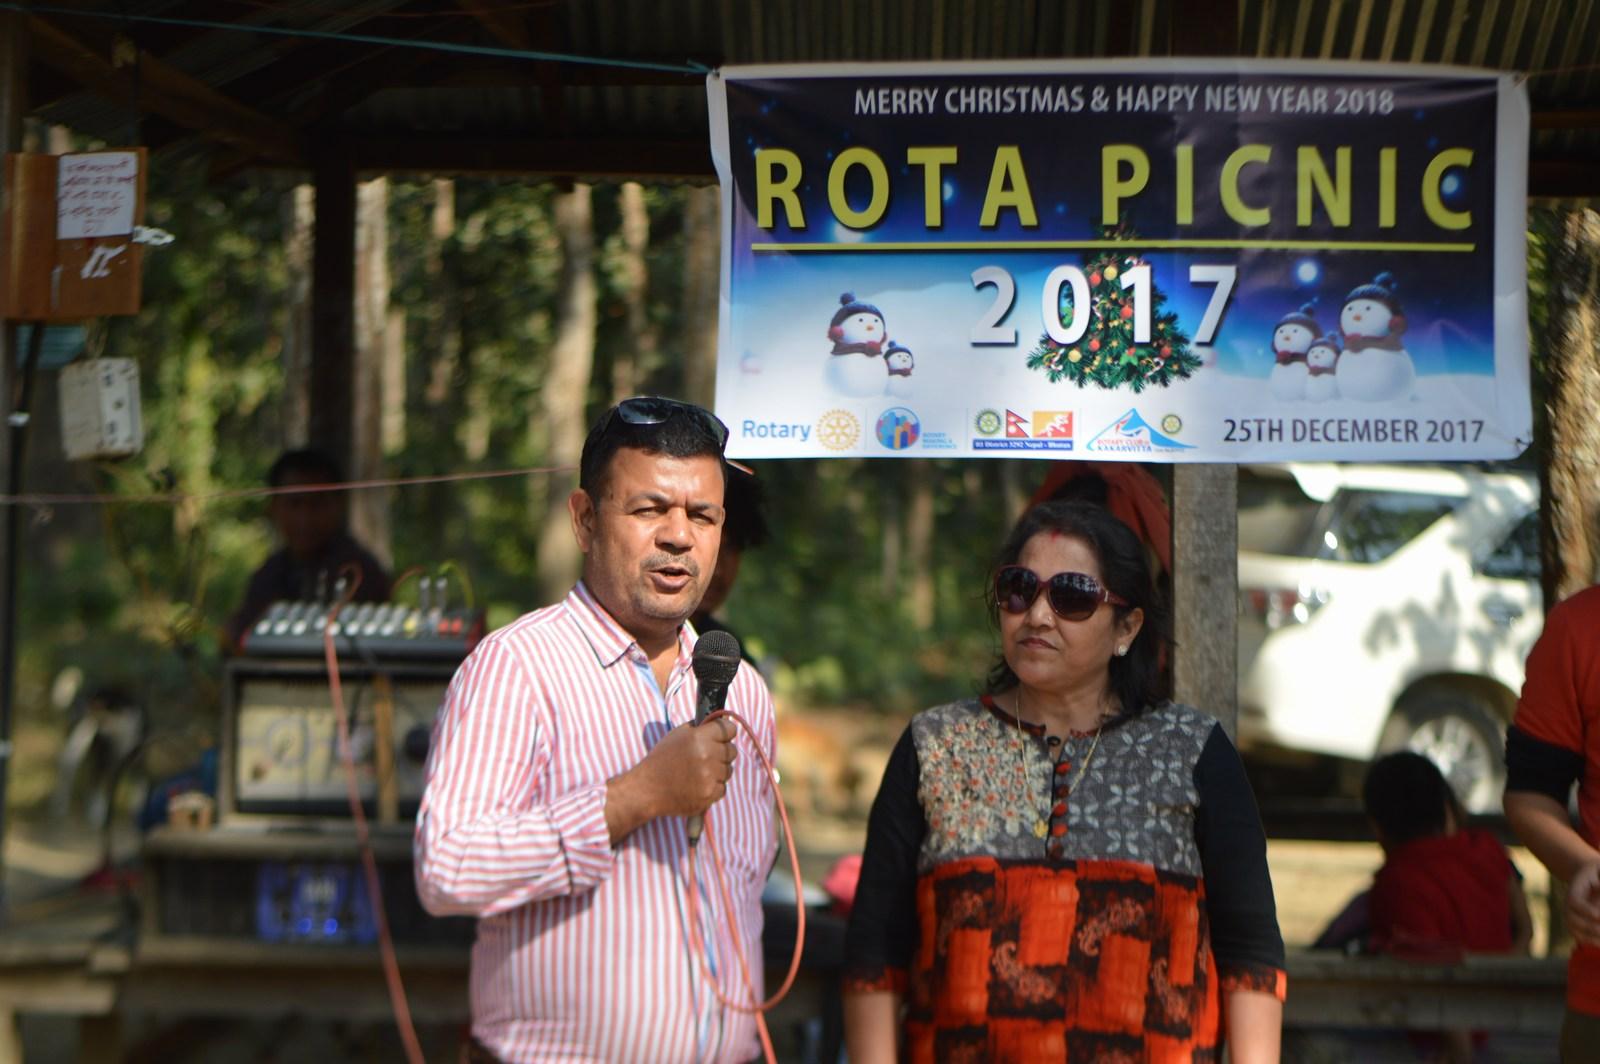 Rota-Picnic-2017-Rotary-Club-of-Kakarvitta-61